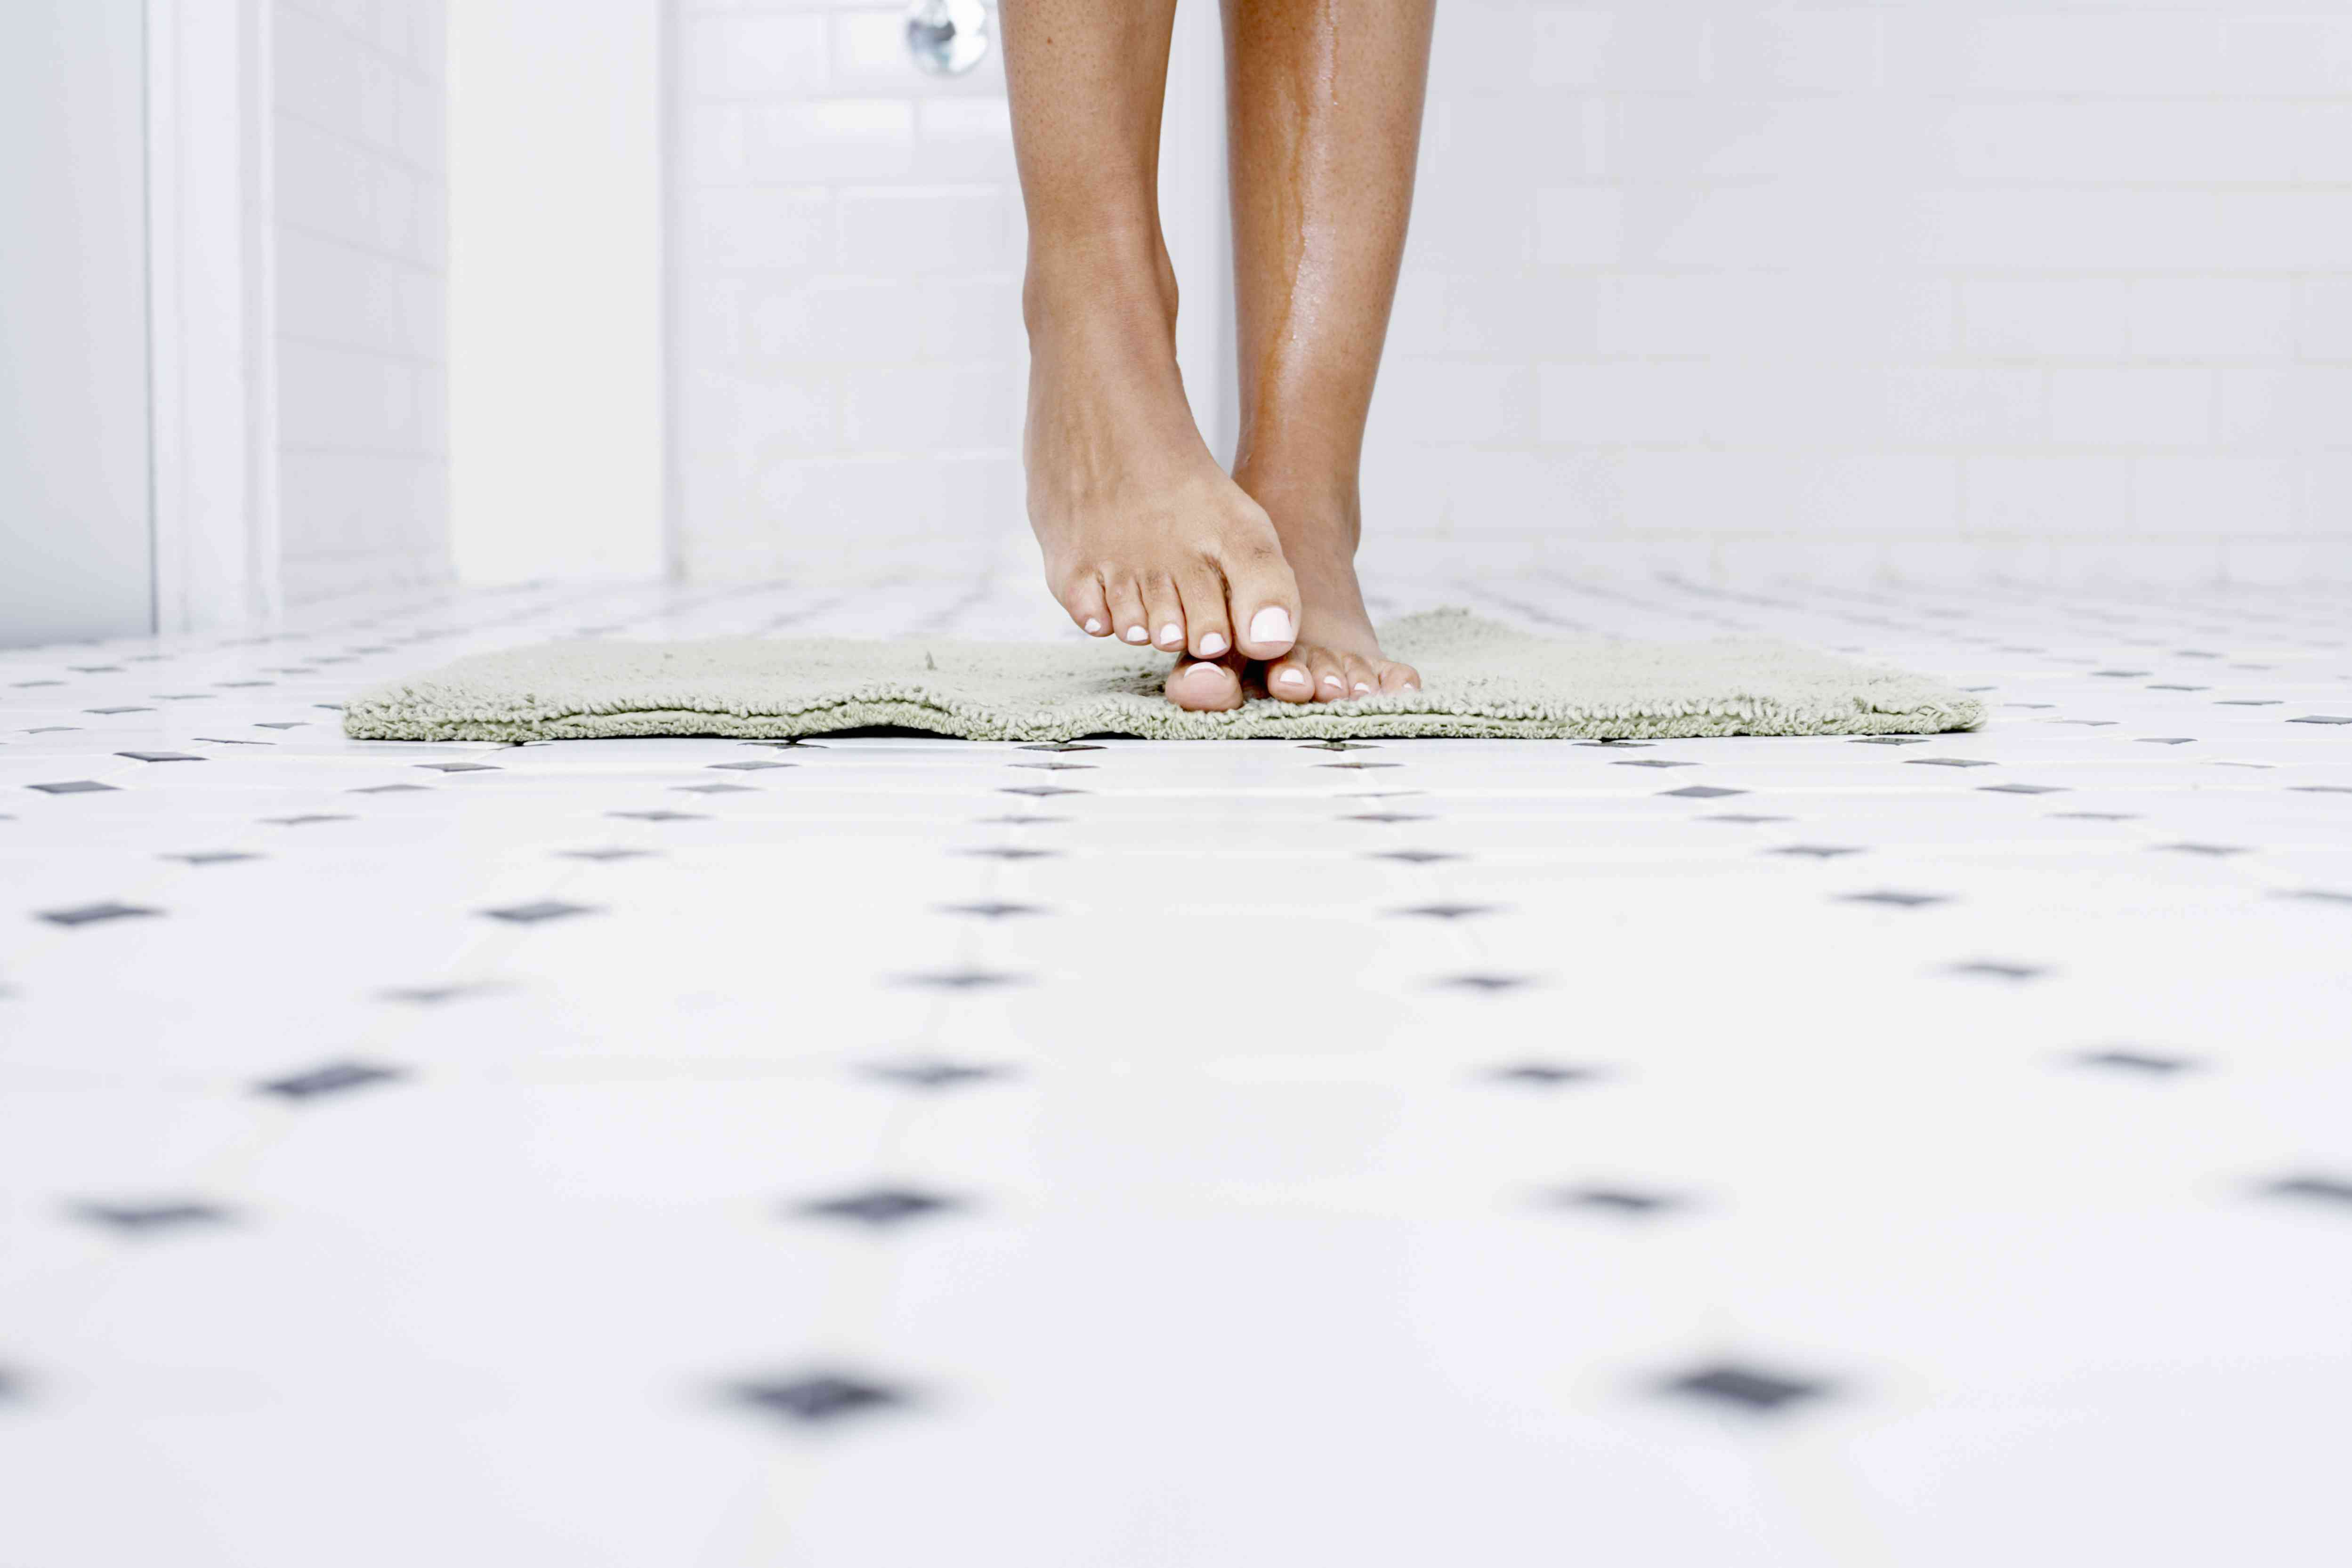 Woman standing on towel in bathroom